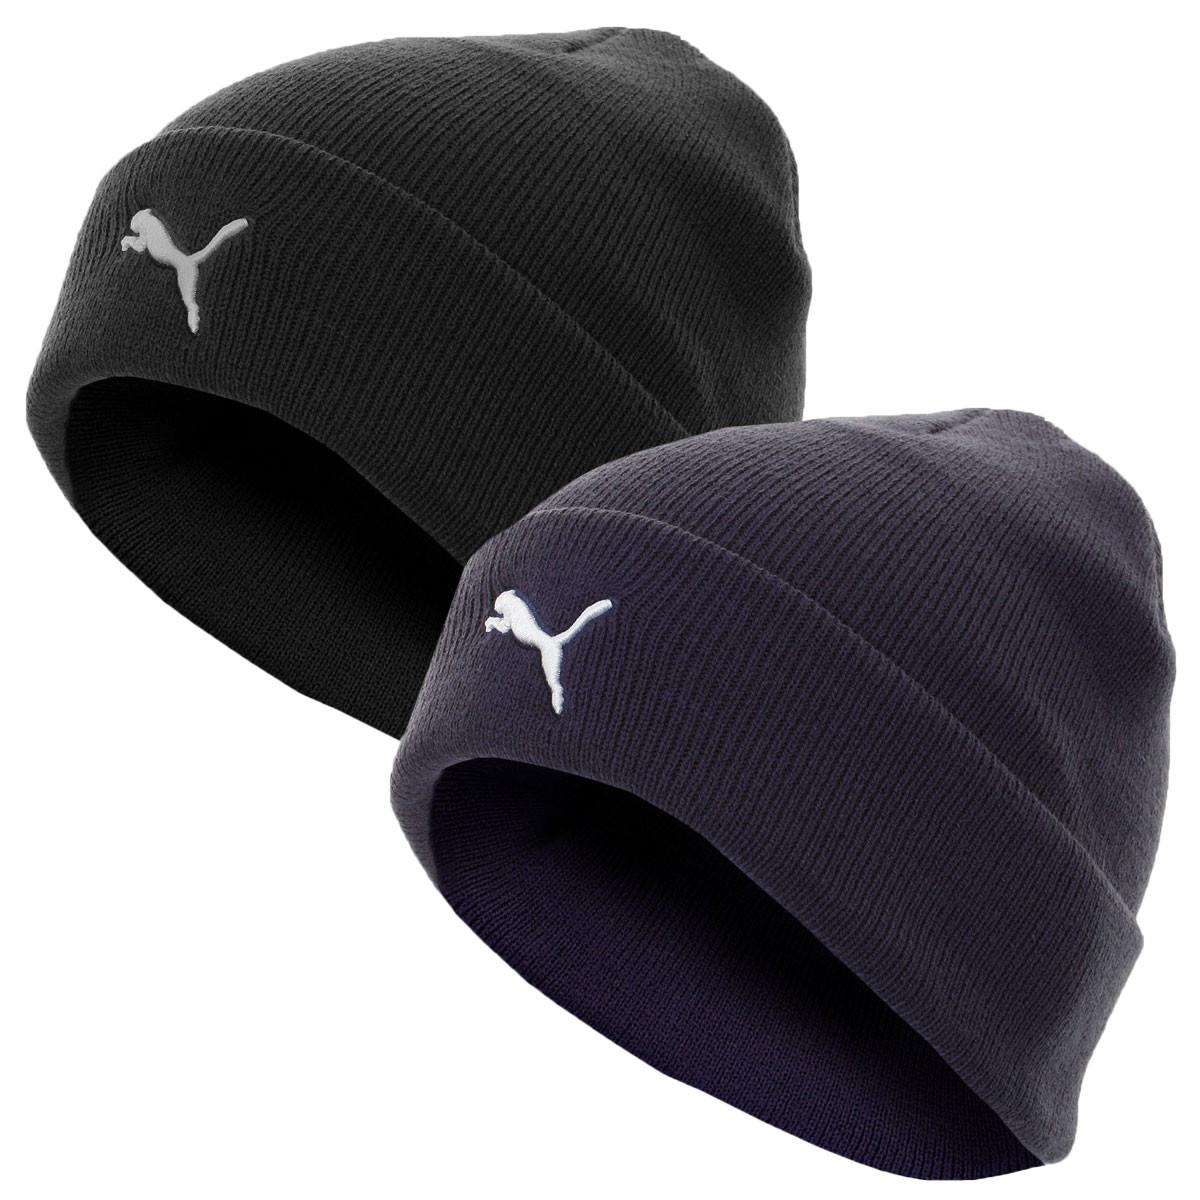 482dda1cb42 Puma Golf Mens Control Beanie Hat - Stocking Fillers